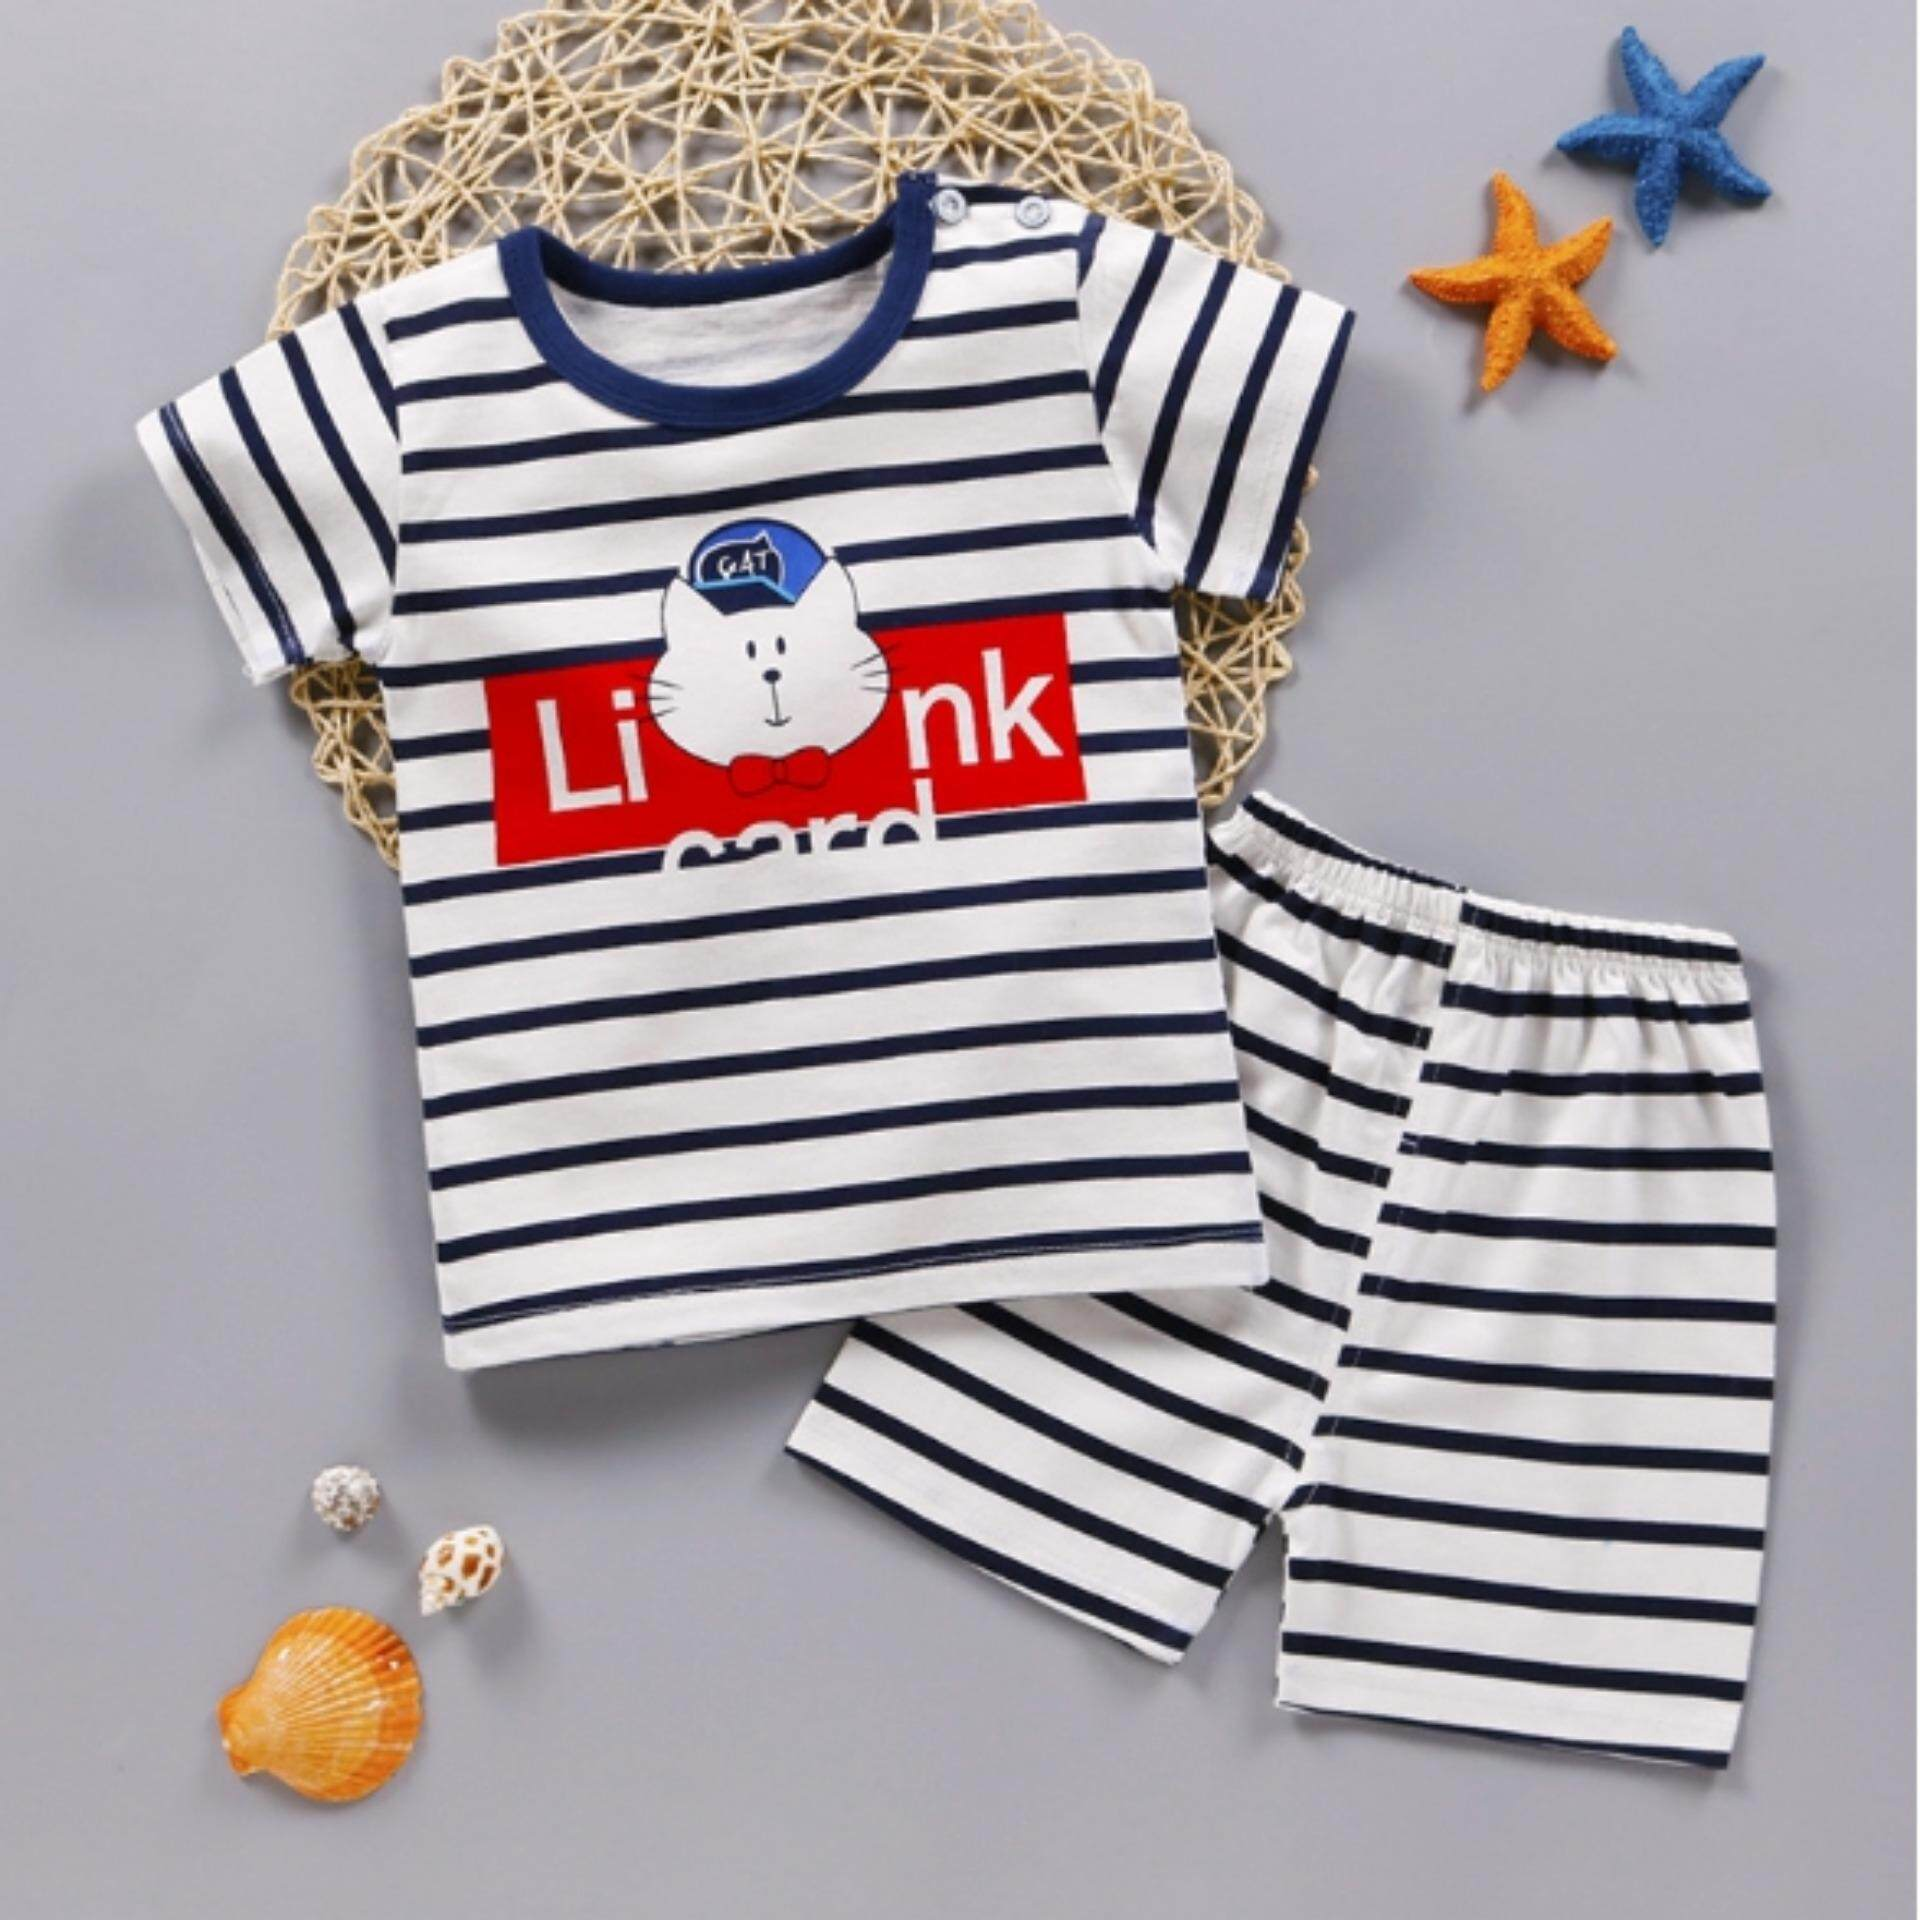 เสื้อยืด+กางเกง ลายการ์ตูนสุดน่ารัก Kids Clothes ผ้านุ่มใส่สบาย ไซส์ 70-140 ซม./6 เดือน-10 ปี By Pae Kids Shop.